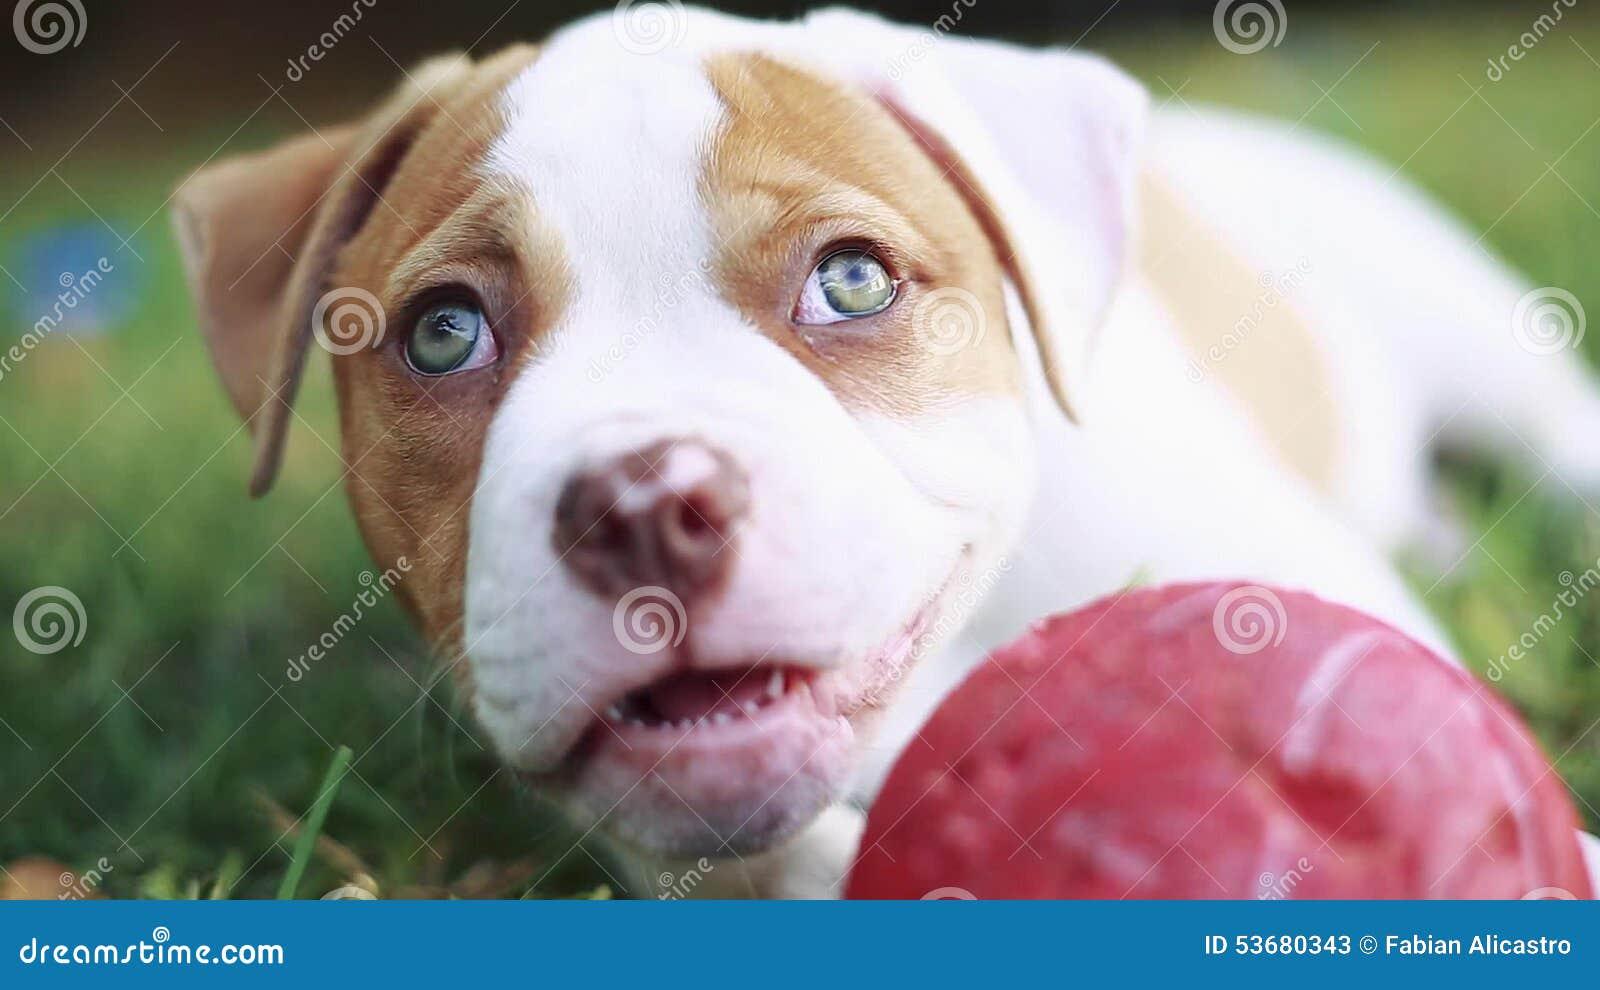 Must see Bulldog Ball Adorable Dog - adorable-puppy-green-eyes-laying-down-grass-playing-ball-cute-close-up-american-bulldog-53680343  Image_146558  .jpg